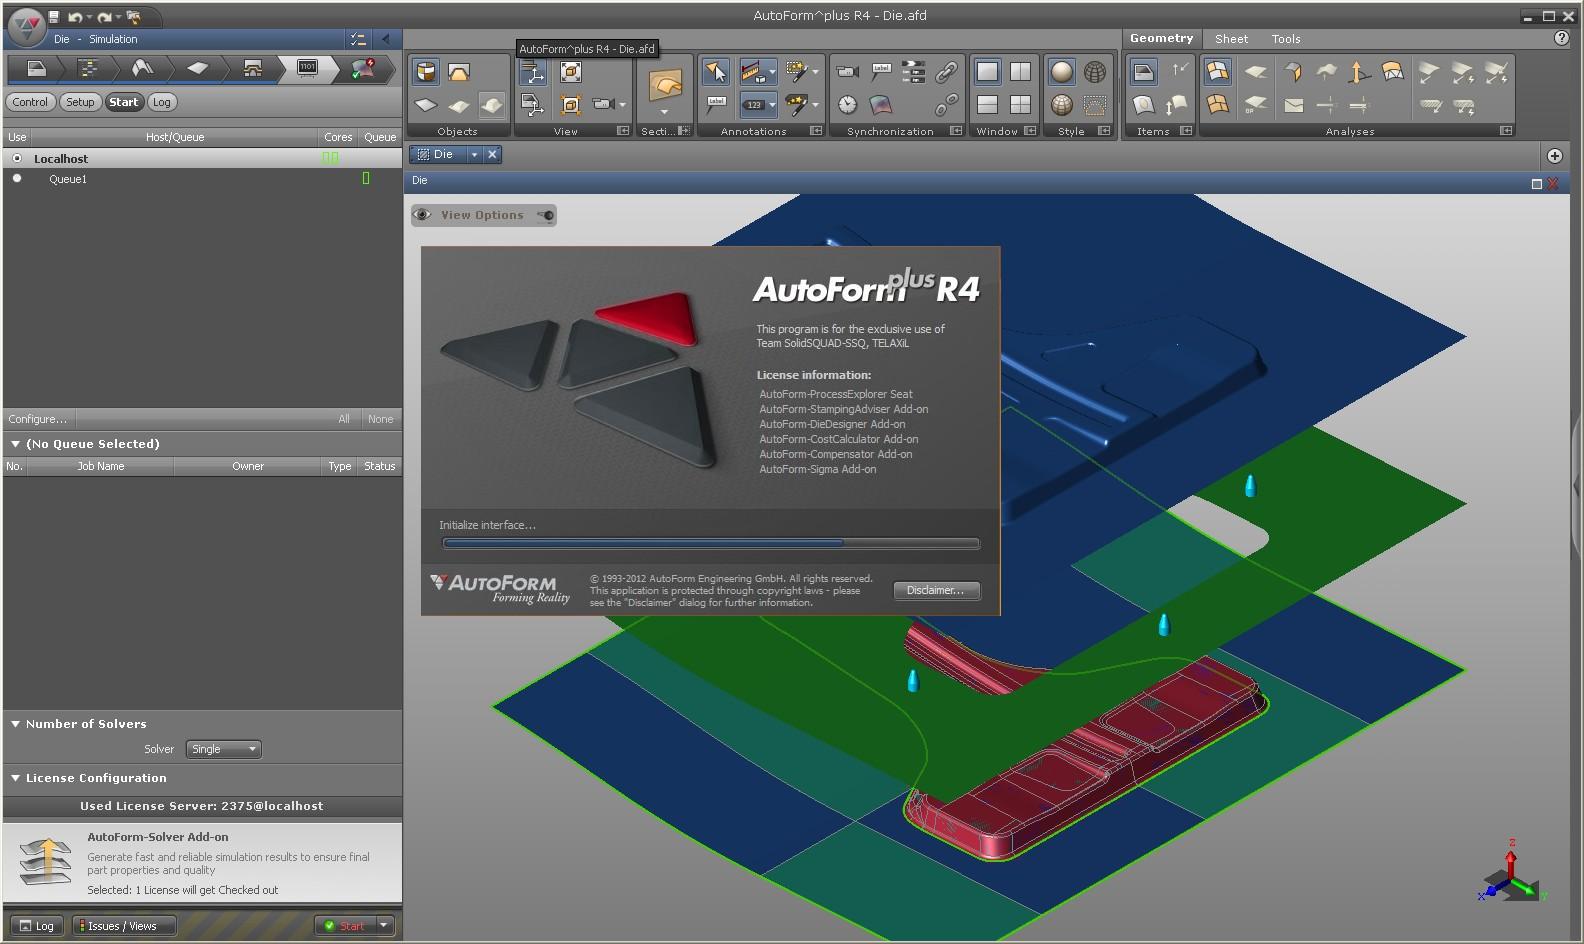 Product designing with AutoForm^Plus R4 full license